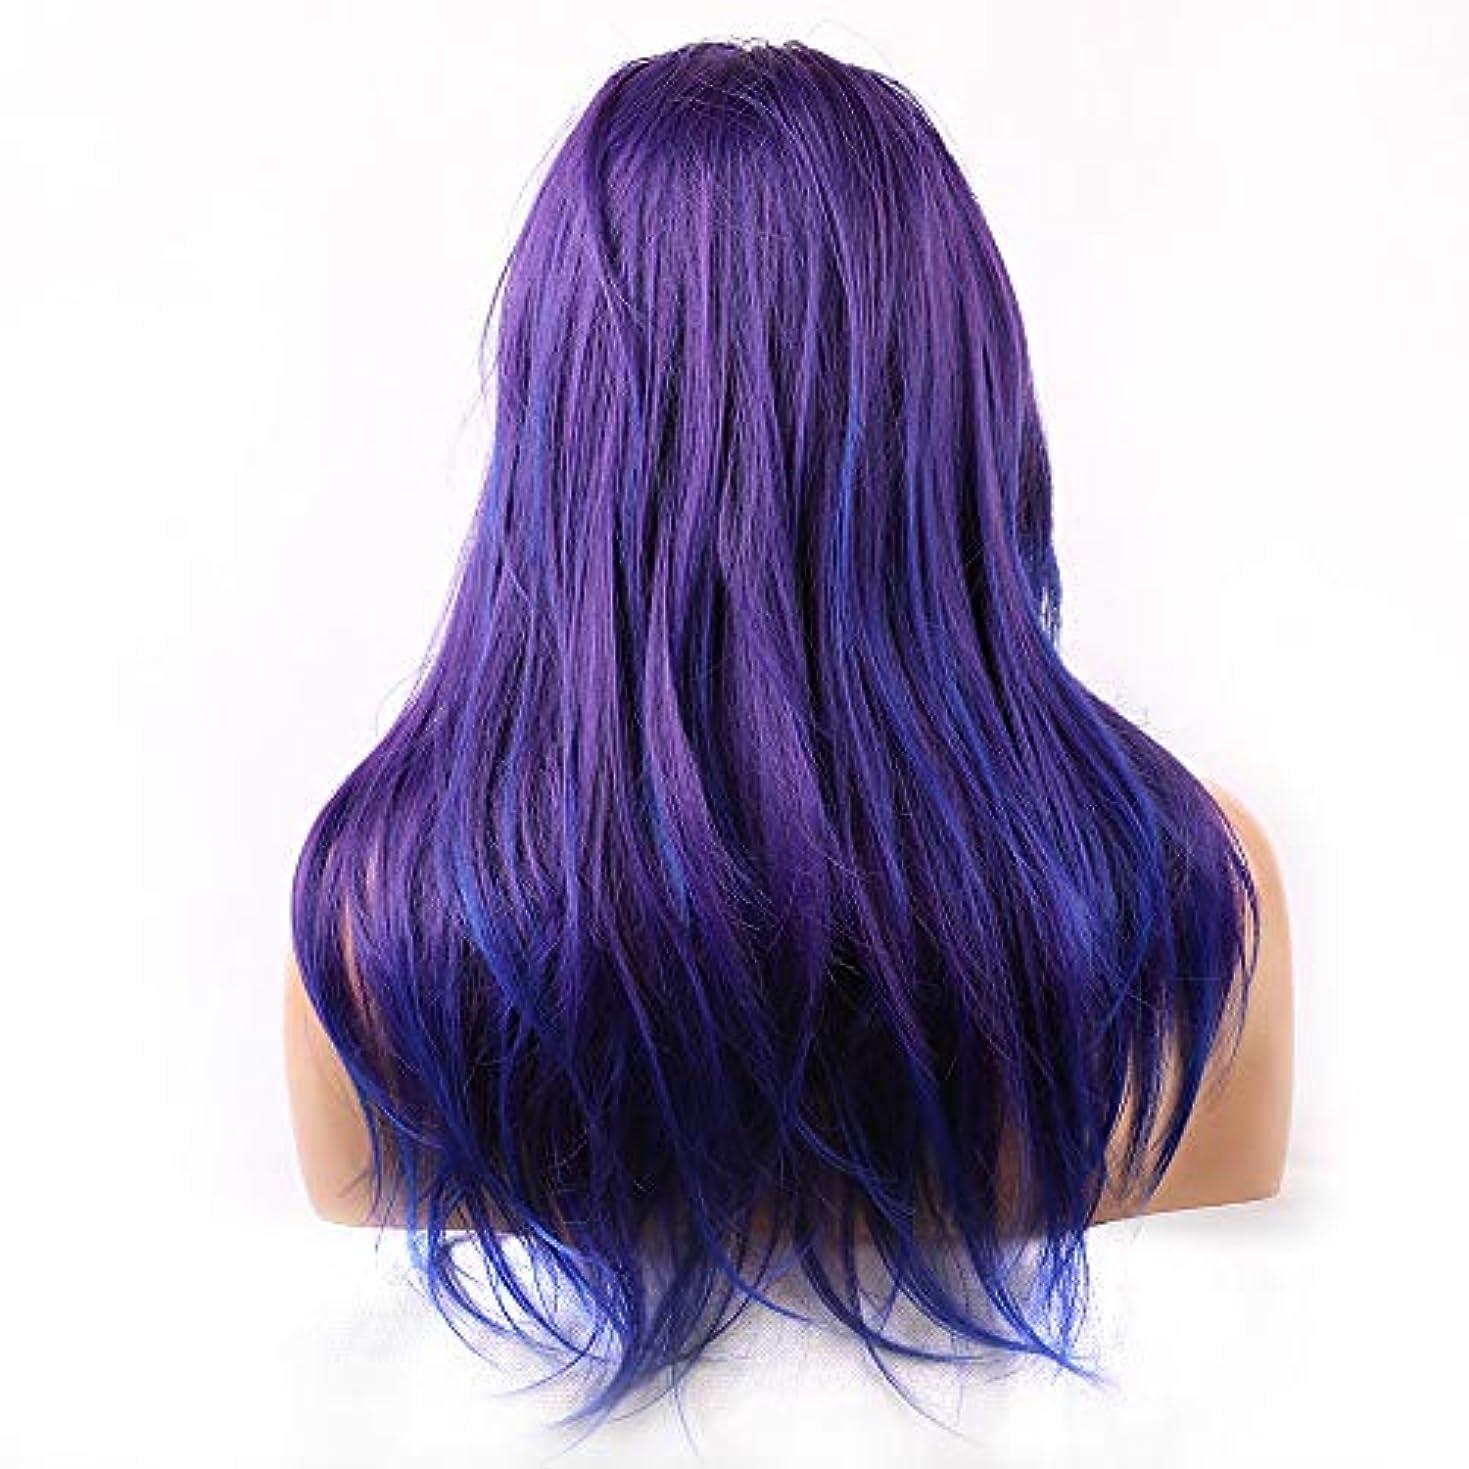 誤解ダム花弁レースCOSの小道具の前に女性の青い長い巻き毛のかつらをかつら